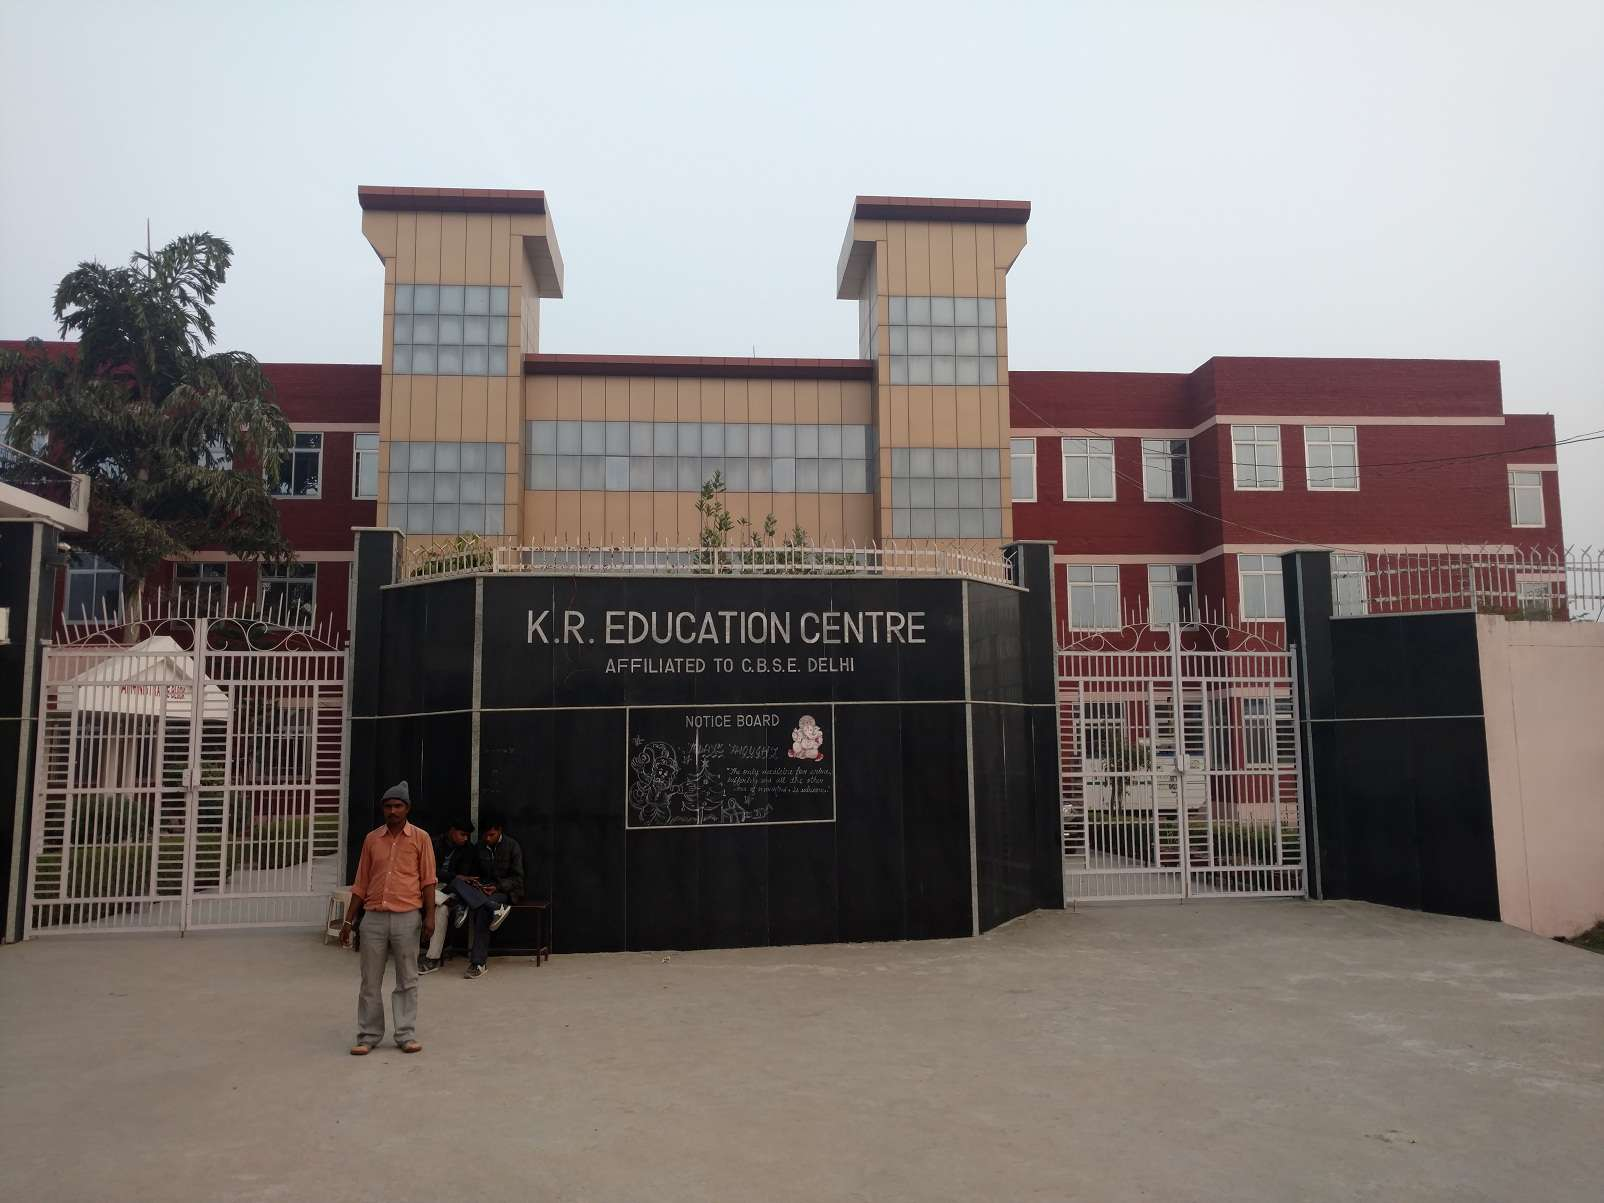 K R EDUCATION CENTRE K R PURAM SANGAWAN ROAD KANPUR UTTAR PRADESH 2130410